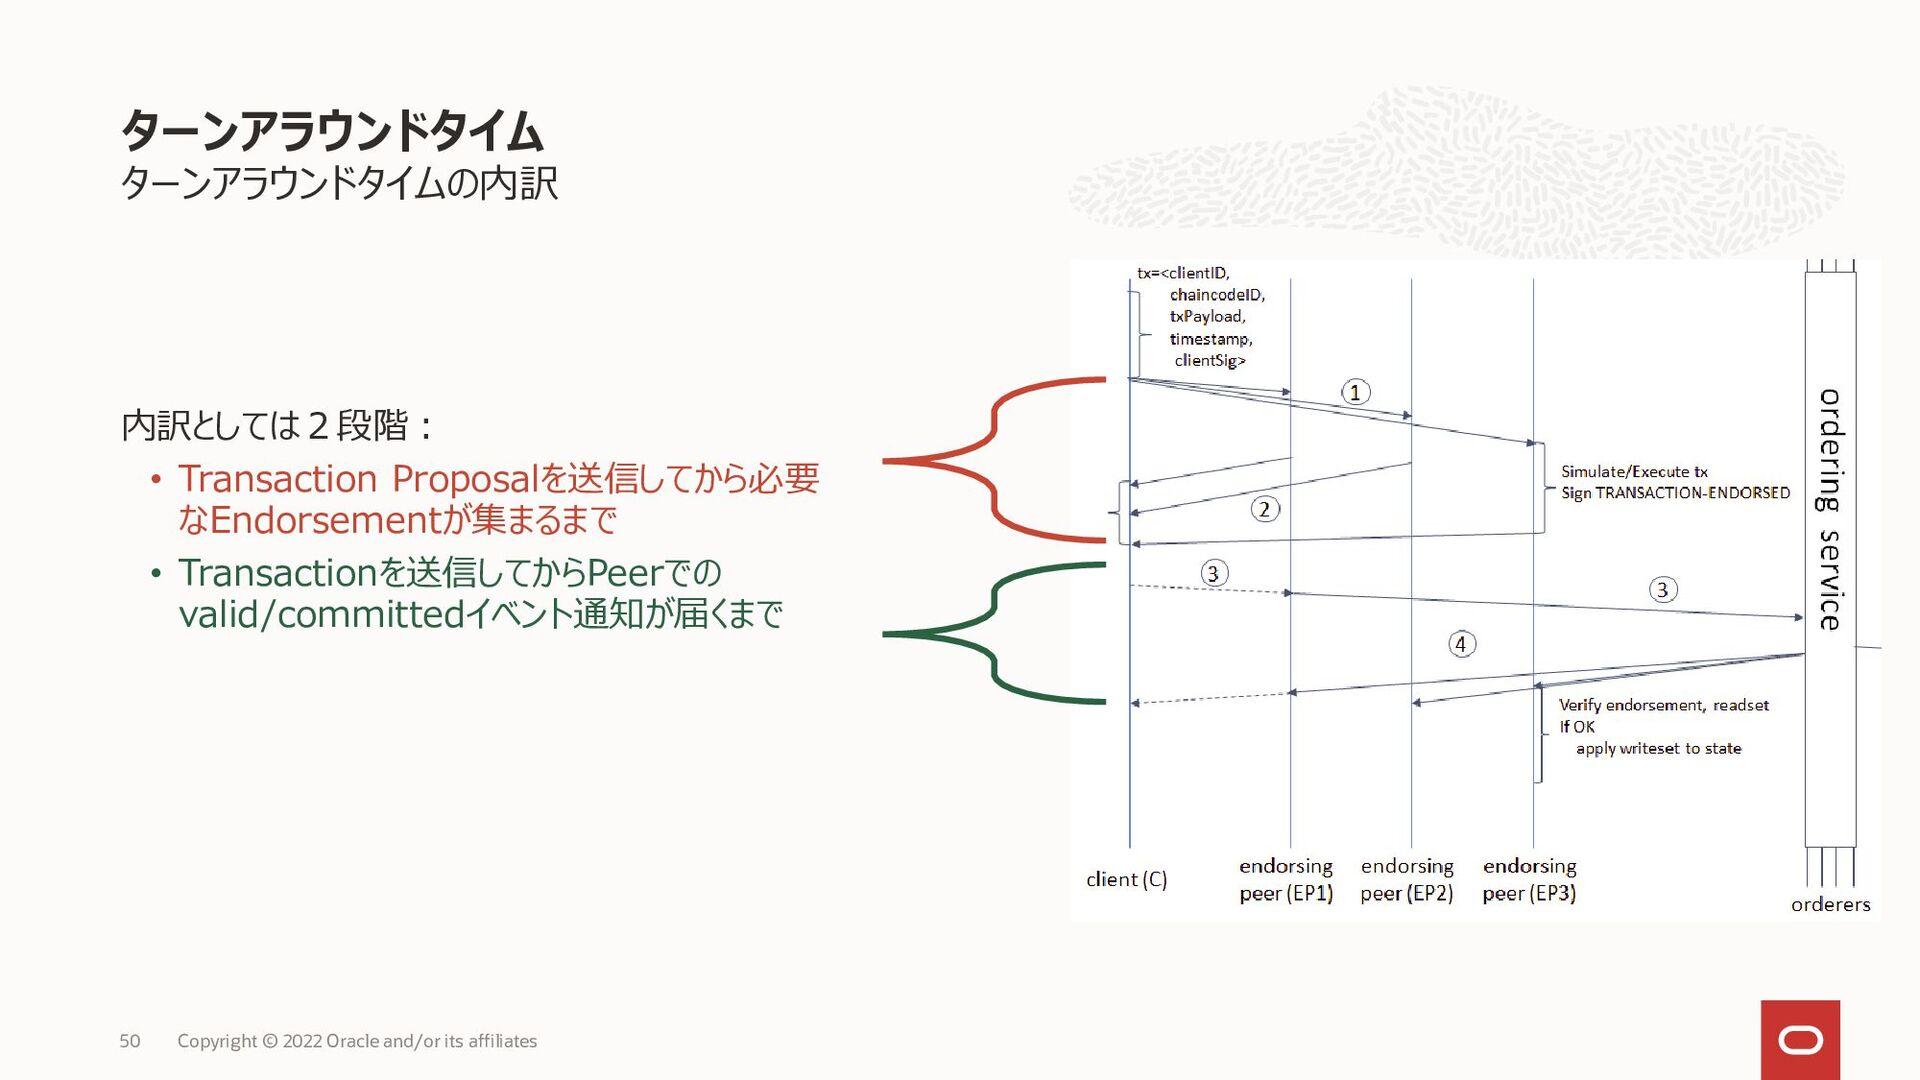 ターンアラウンドタイムの内訳 内訳としては2段階: • Transaction Proposa...